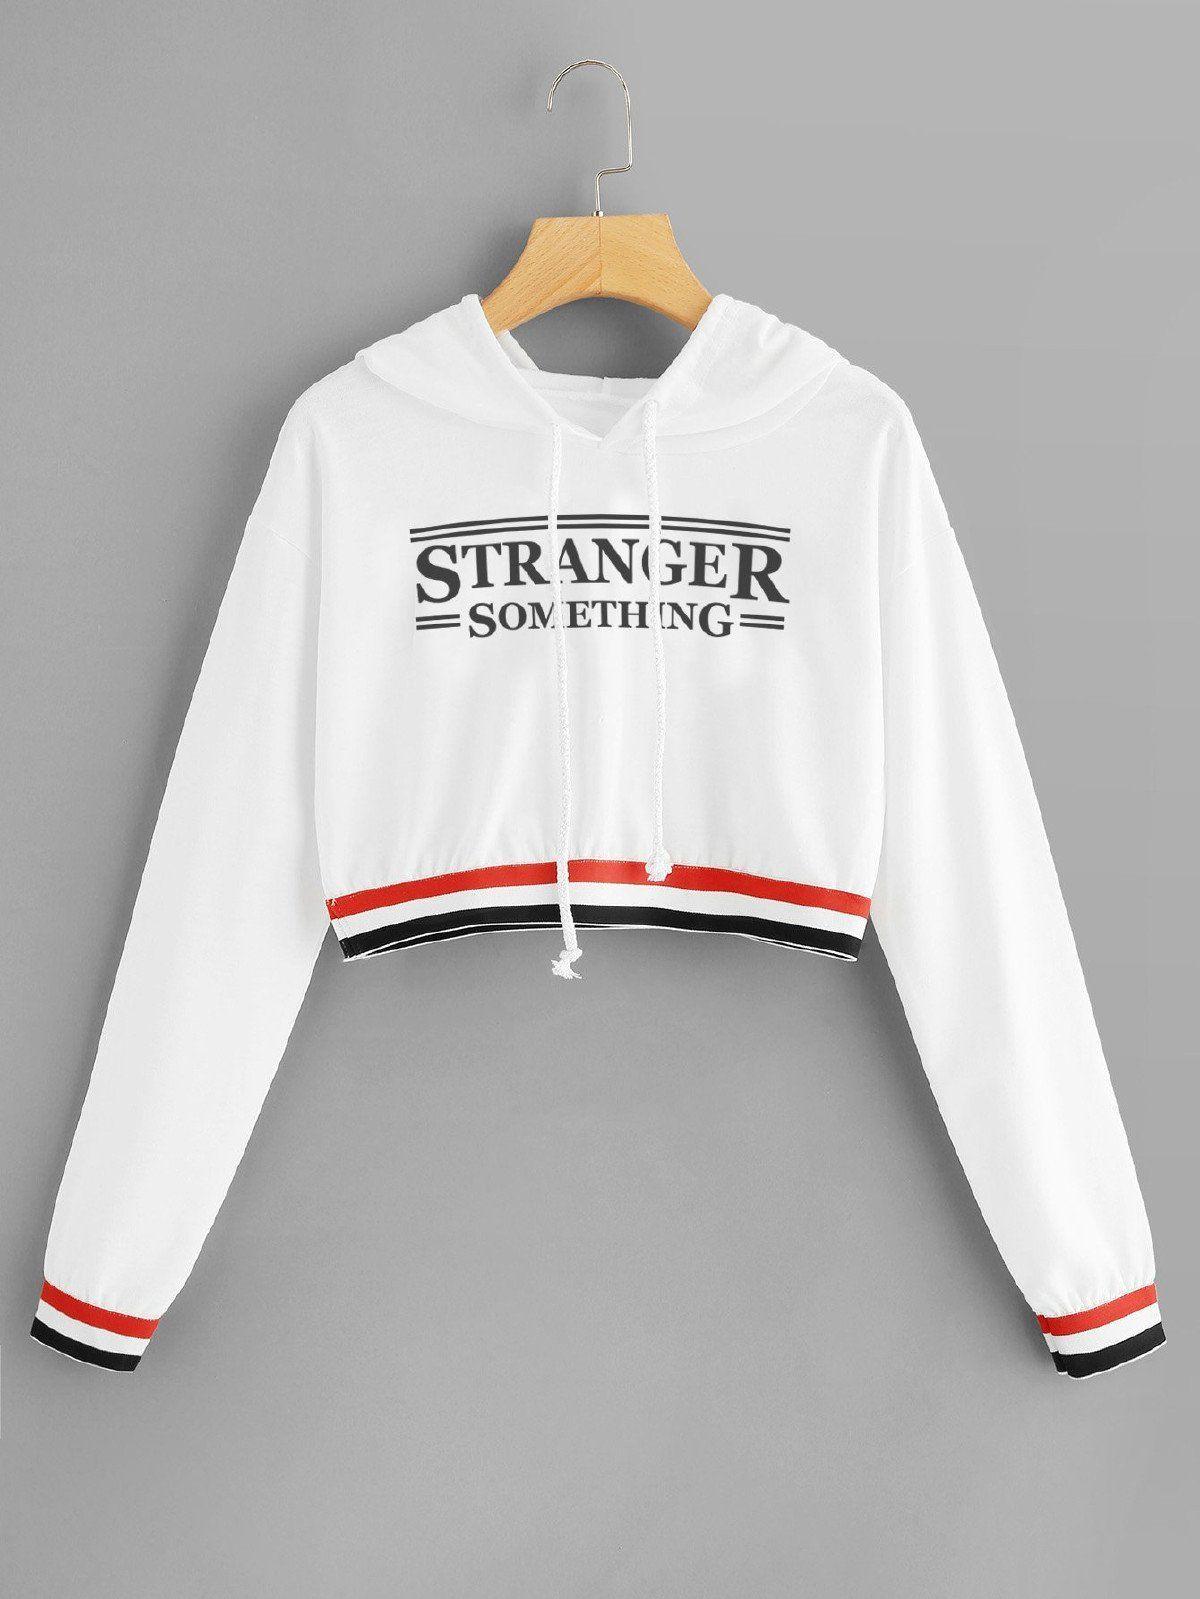 Stranger things pullover hoodie sweatshirt | Roupas tumbler